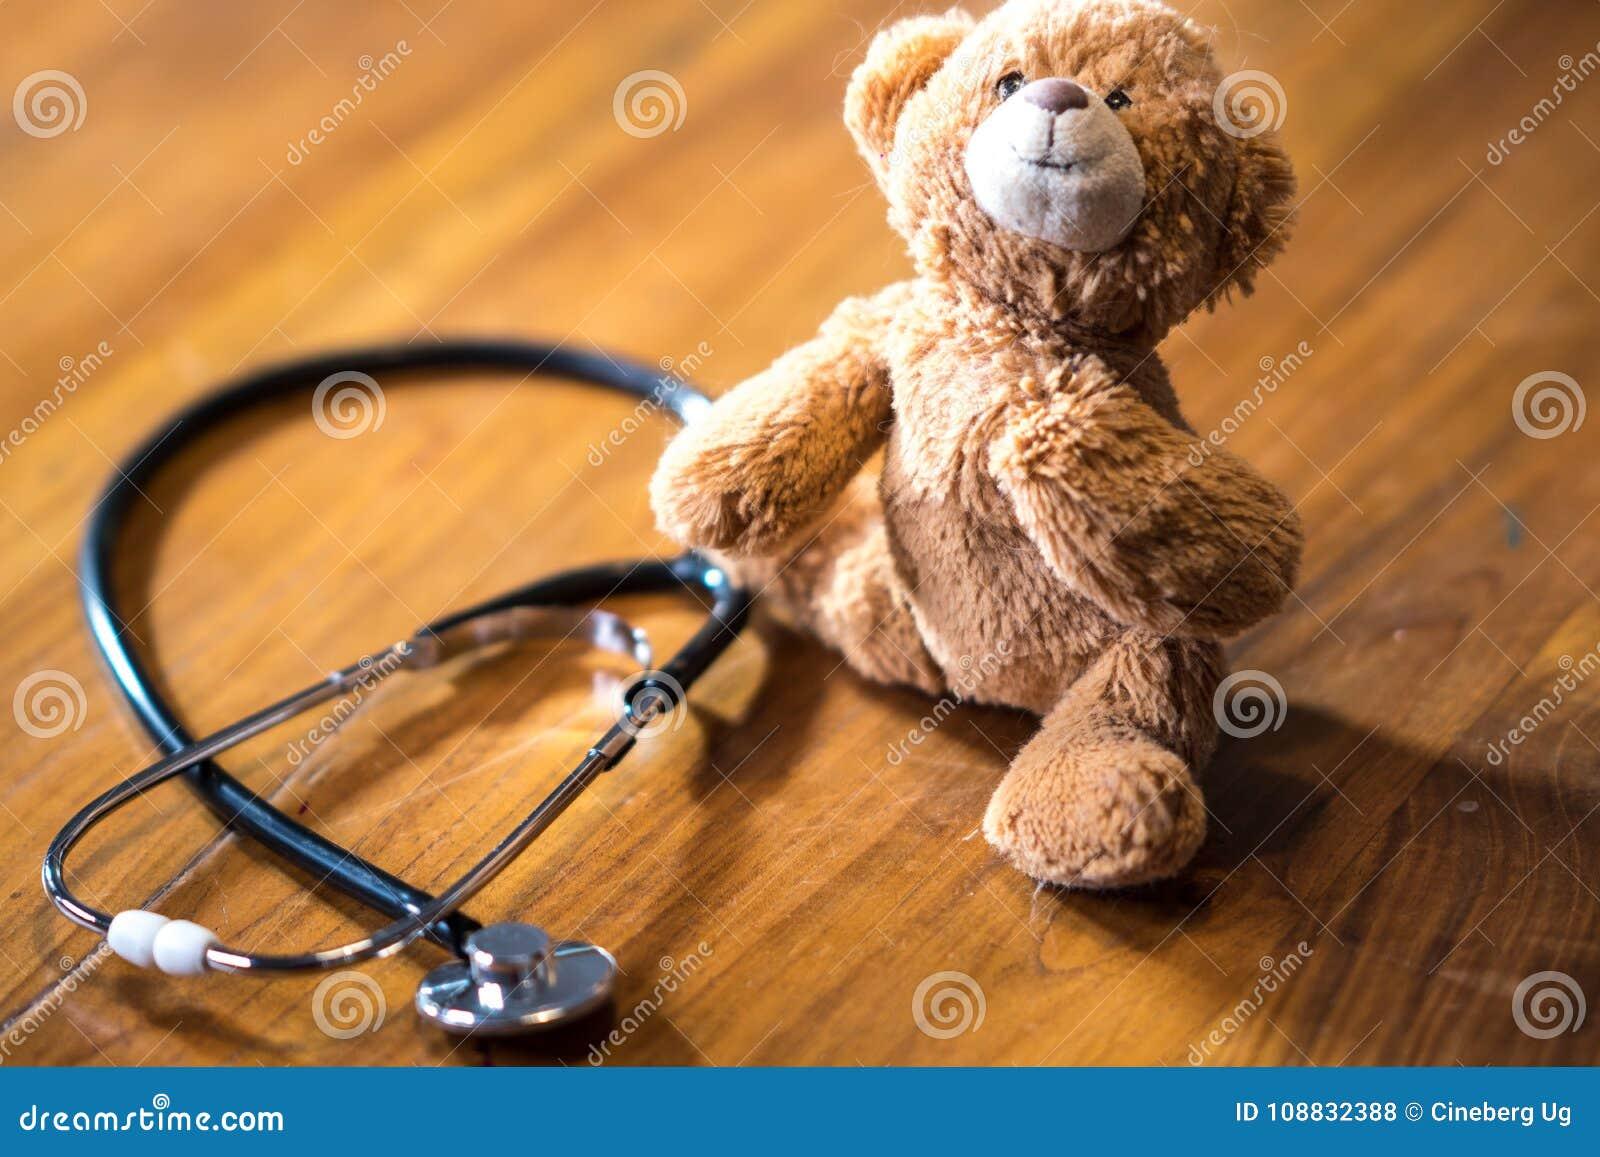 Kinderheilkunde: Stethoskop- und Spielzeugbär